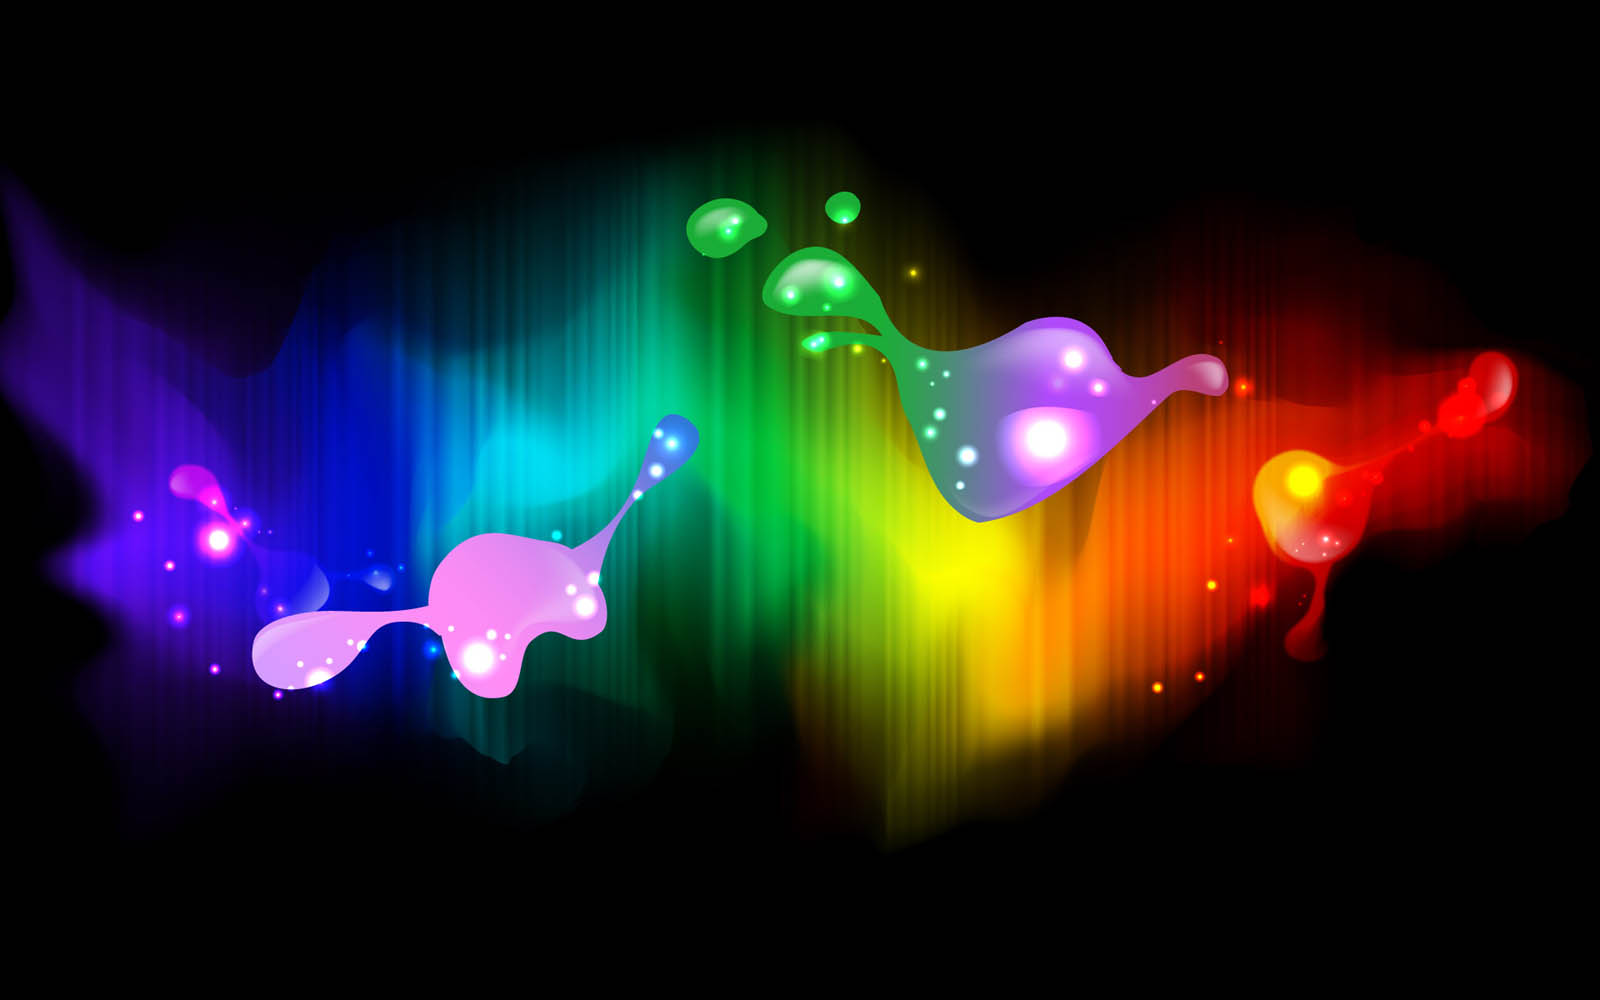 Wallpapers Neon Art DesktopWallpapers Neon Art Desktop Backgrounds 1600x1000